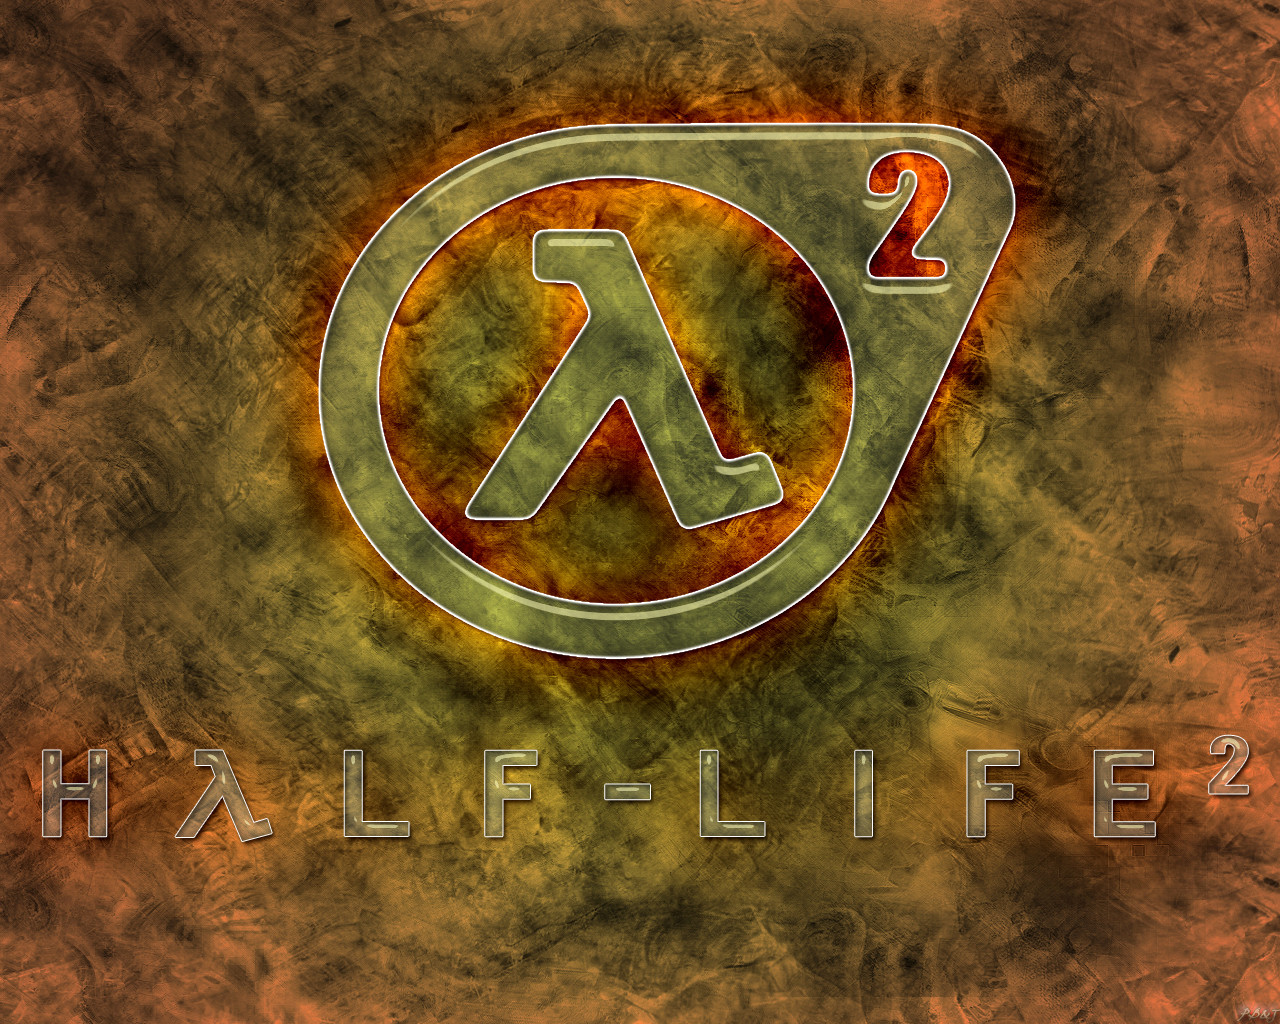 Снимки за играта Half Life  - Page 8 Half-l18